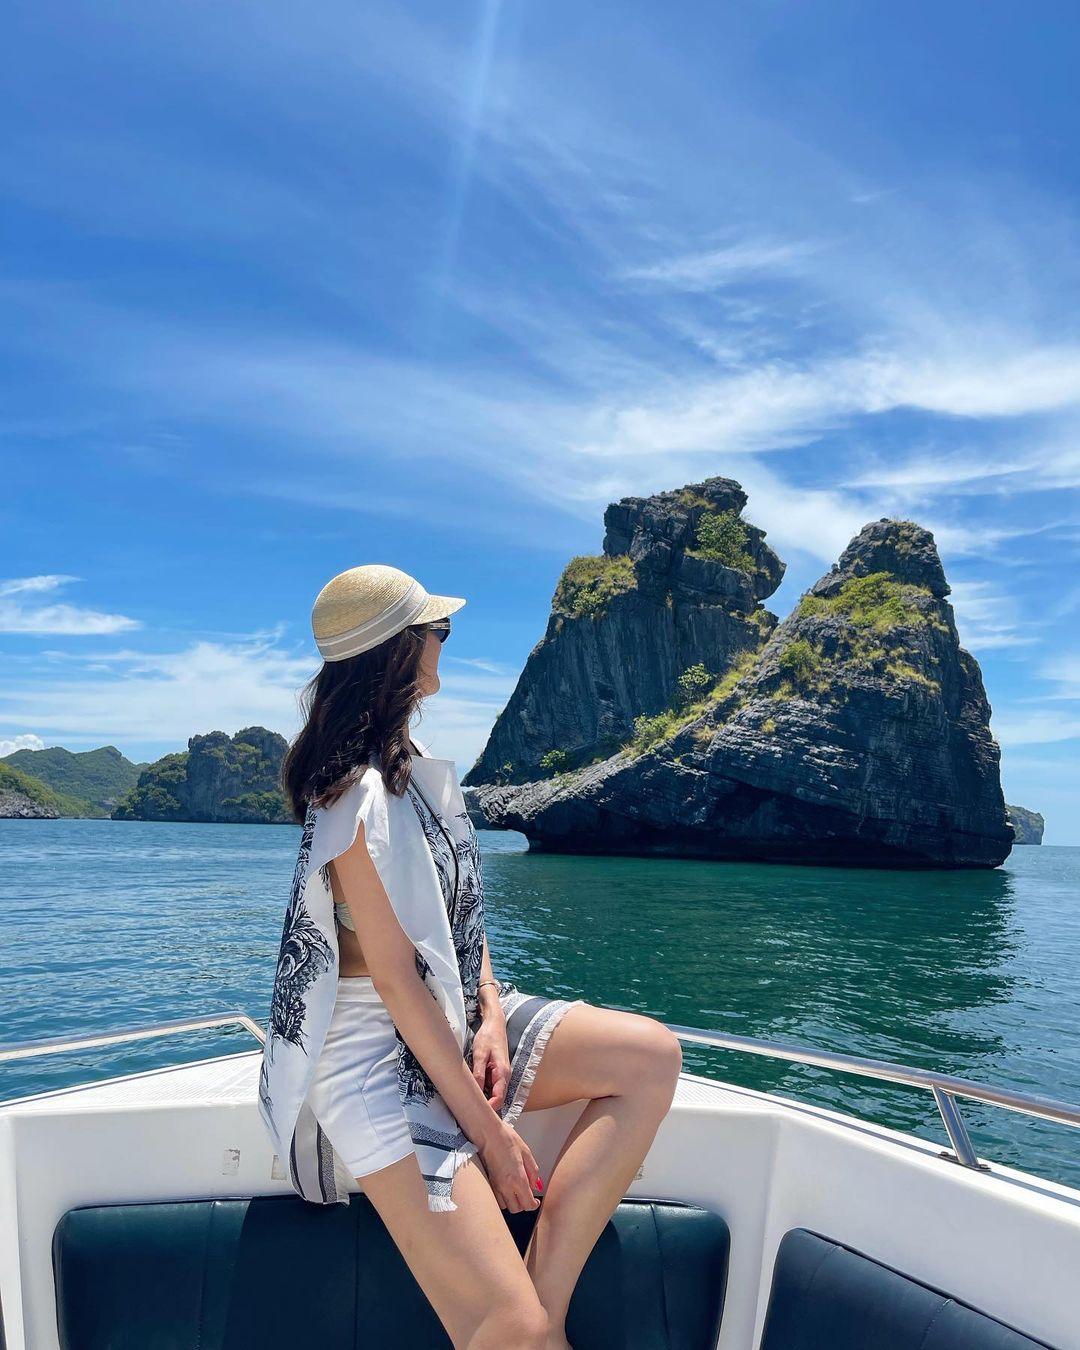 Nghỉ dưỡng tại Koh Samui - một trong những nơi có biển đẹp nhất Thái Lan - đôi tình nhân không bỏ qua các hoạt động ngoài trời như lặn biển, leo núi.